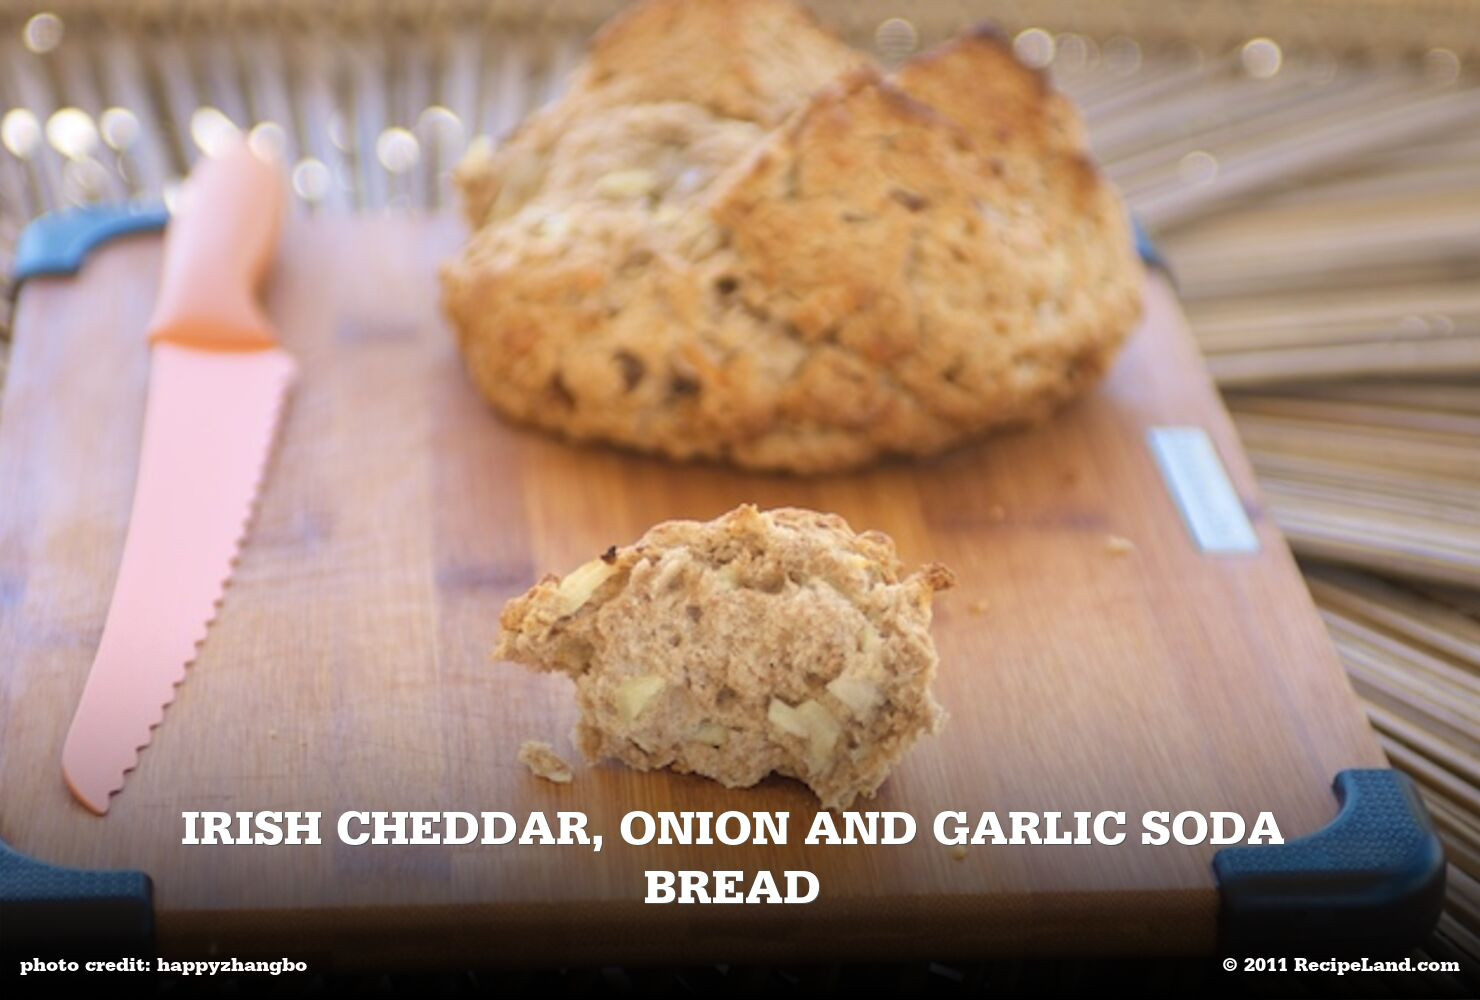 Irish Cheddar, Onion and Garlic Soda Bread